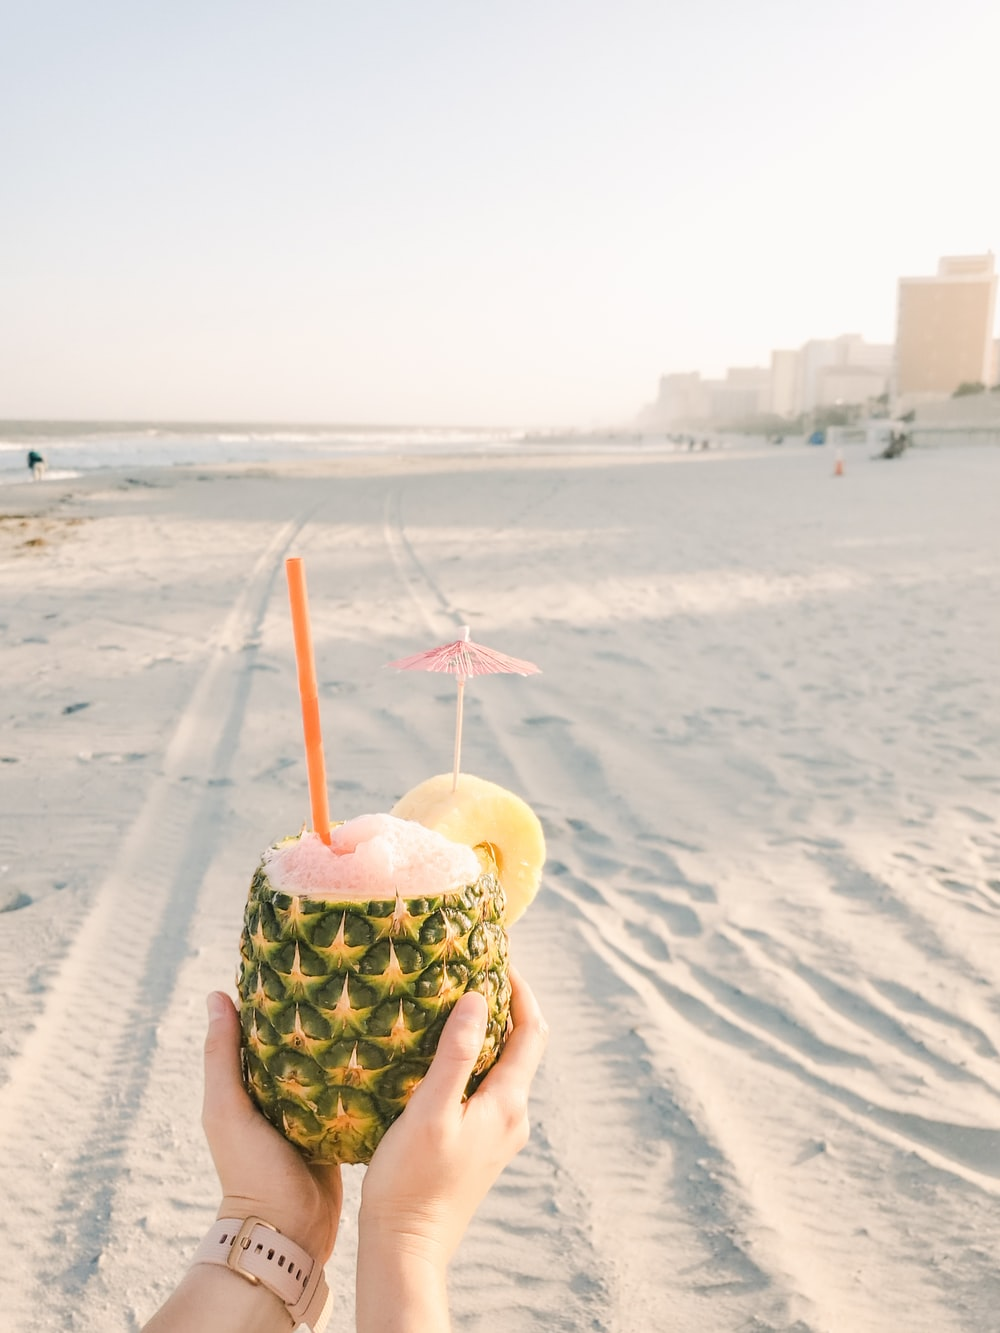 pineapple juice on brown sand